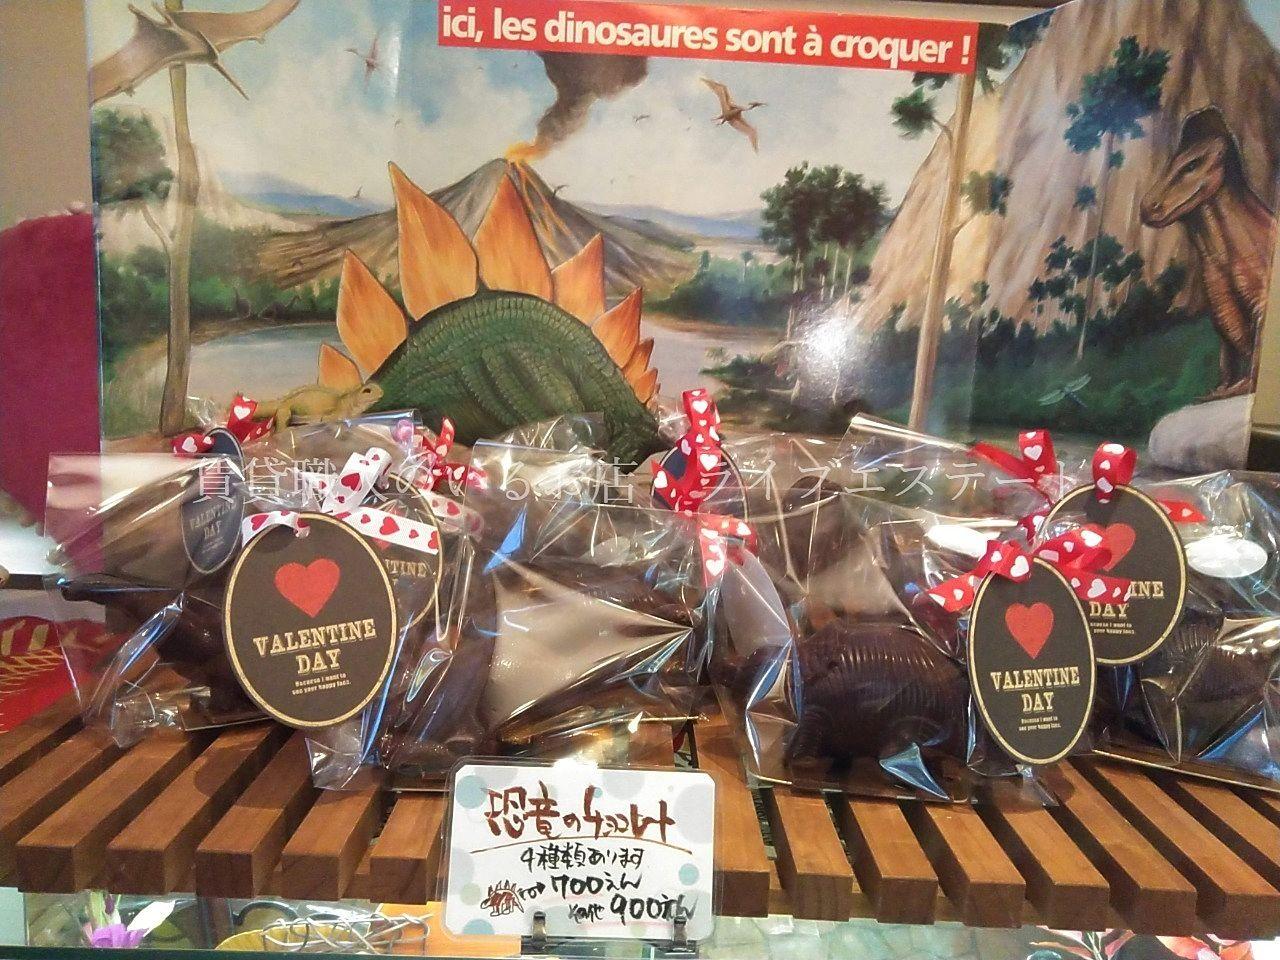 恐竜のチョコレート ひぐち 仏生山 バレンタインデー